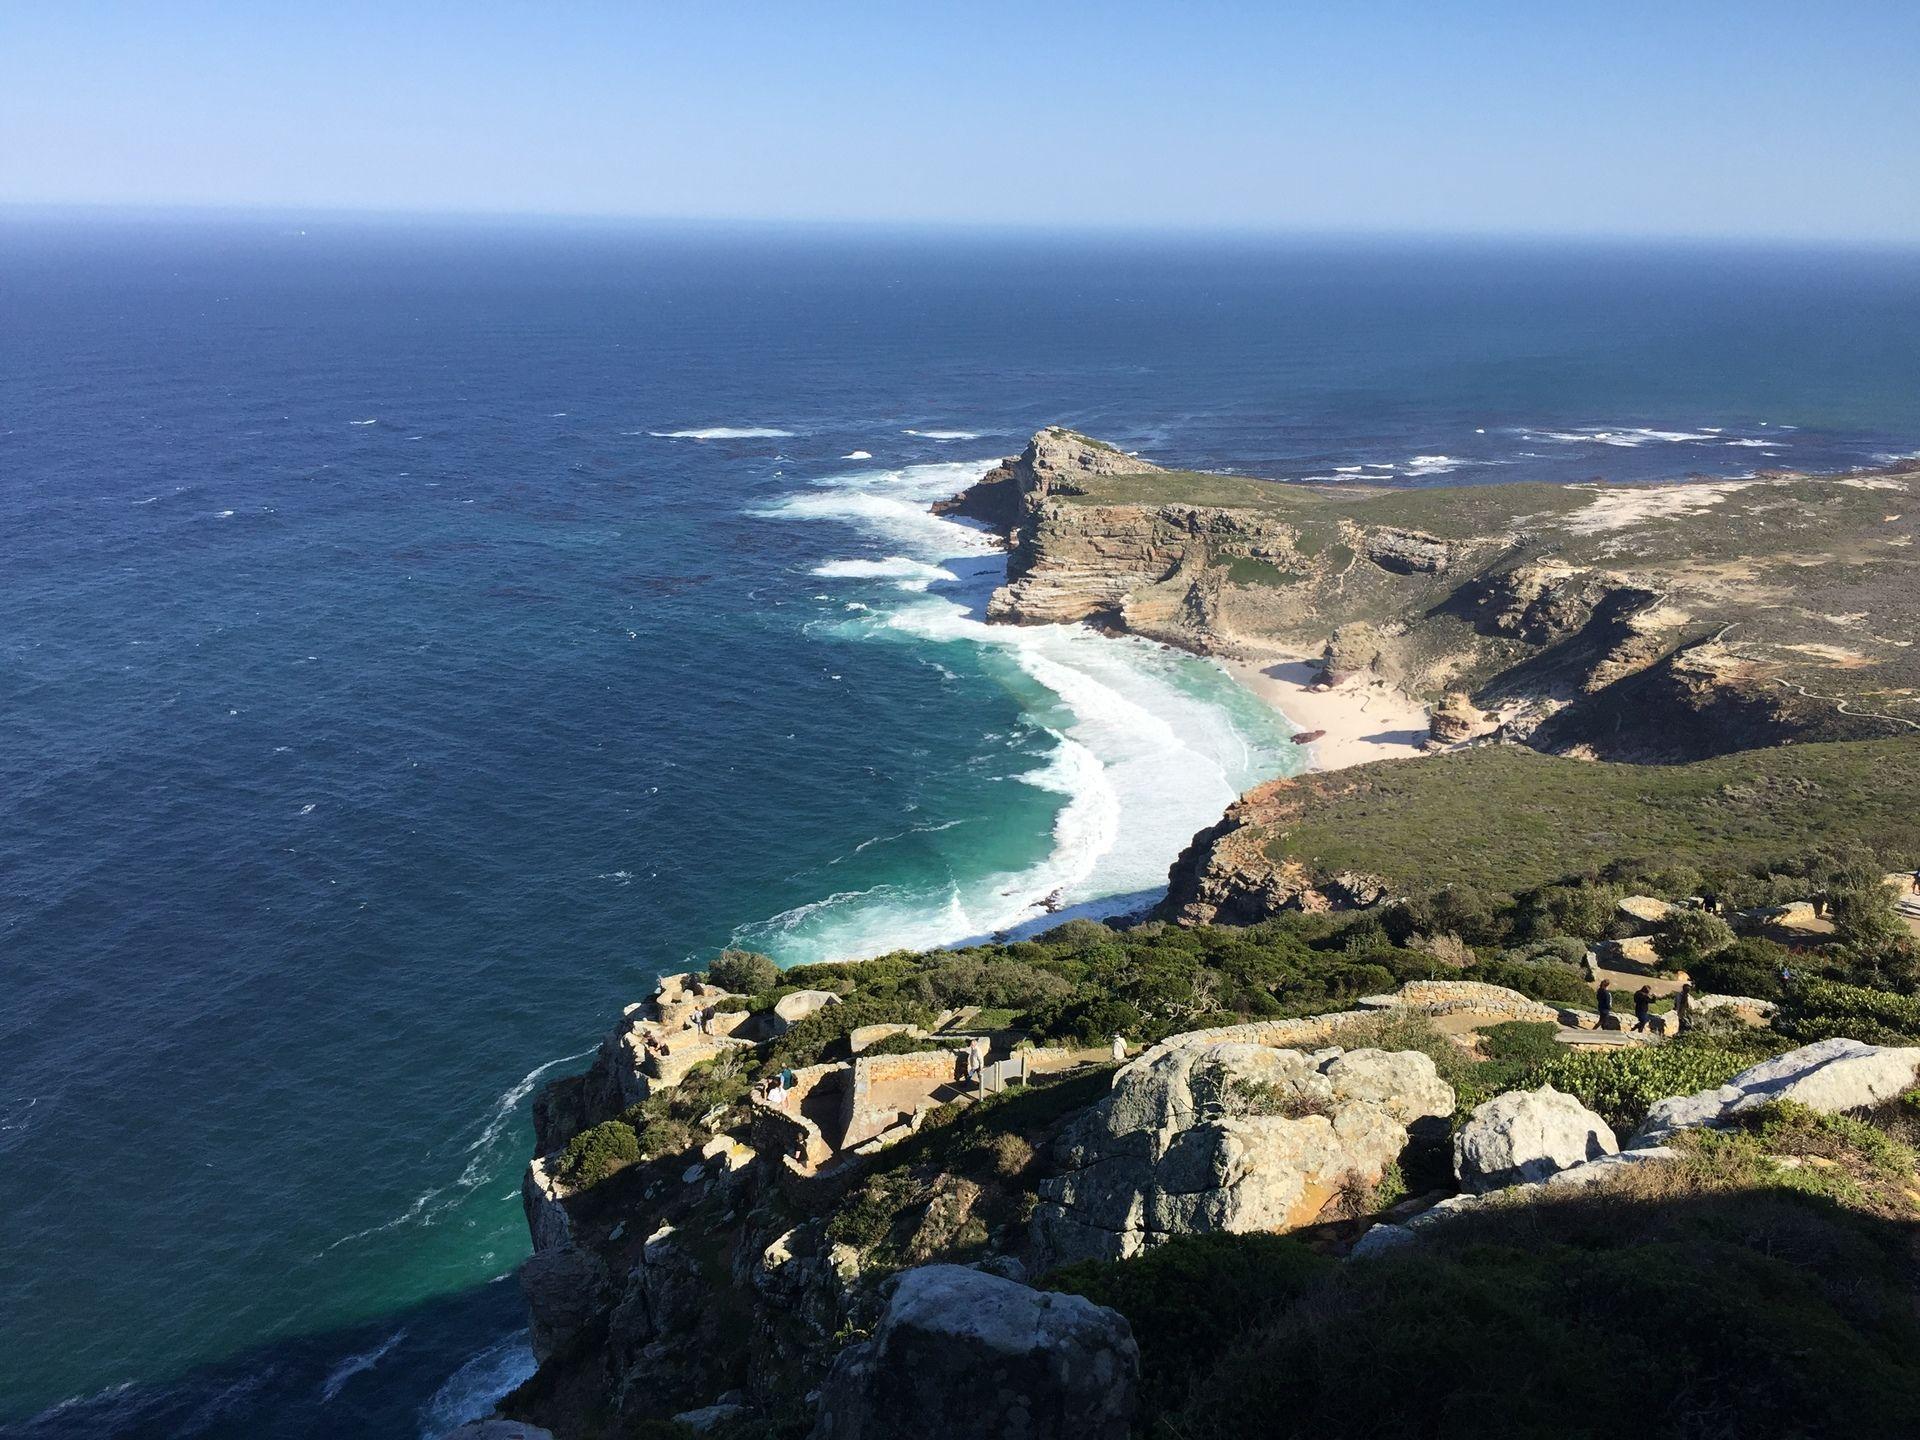 entreprise datant Cape Town sites de rencontres en ligne de réseaux sociaux